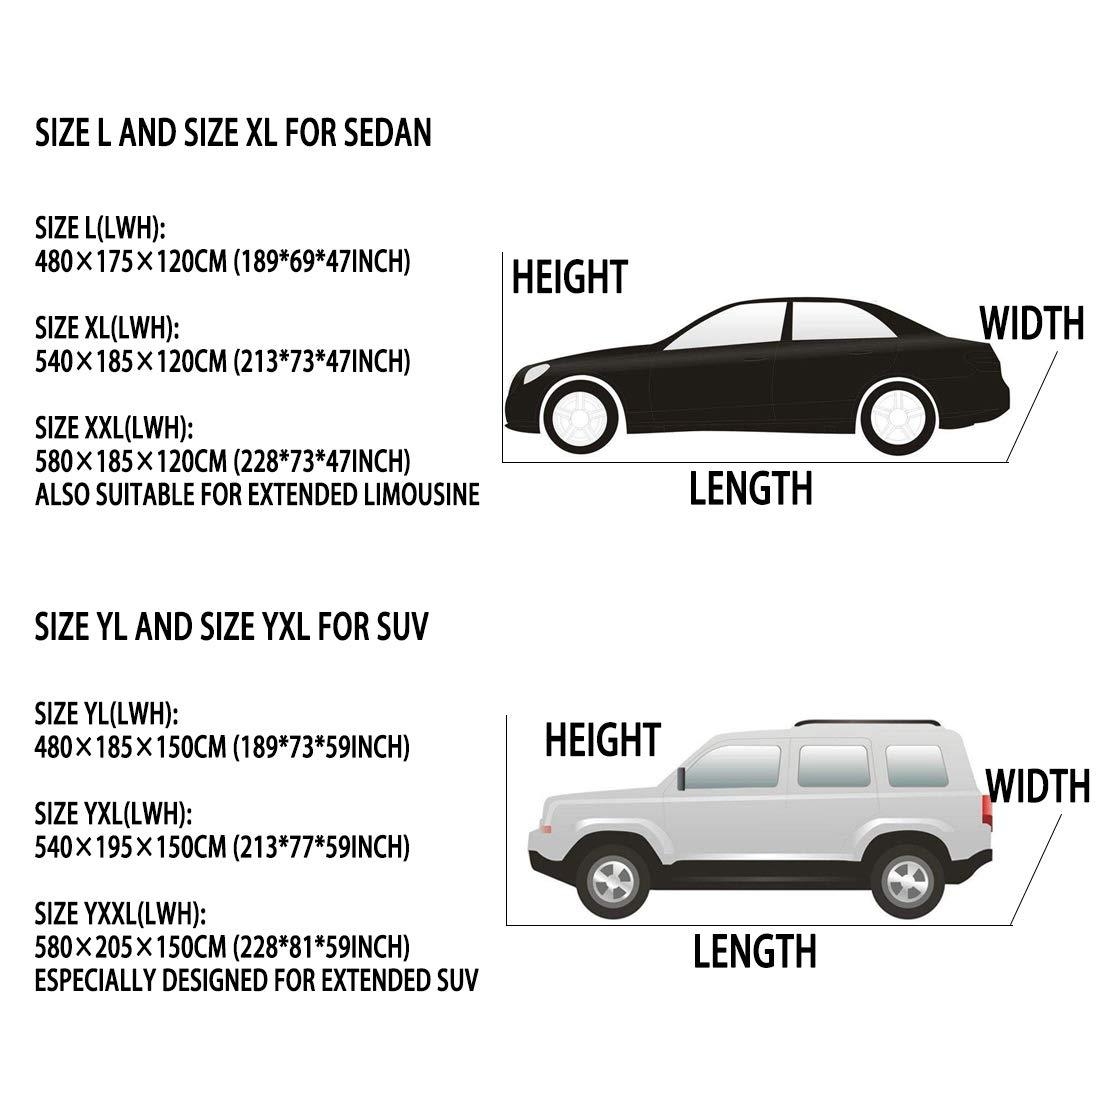 Berlina XL Telo Copriauto 4.8m 5.4m 5.8m con Cotone Impermeabili Antivento Cintura Berlina SUV Limousine veicoli estesi Neve graffi Resistente con Apertura a Cerniera Universale per tutte le auto